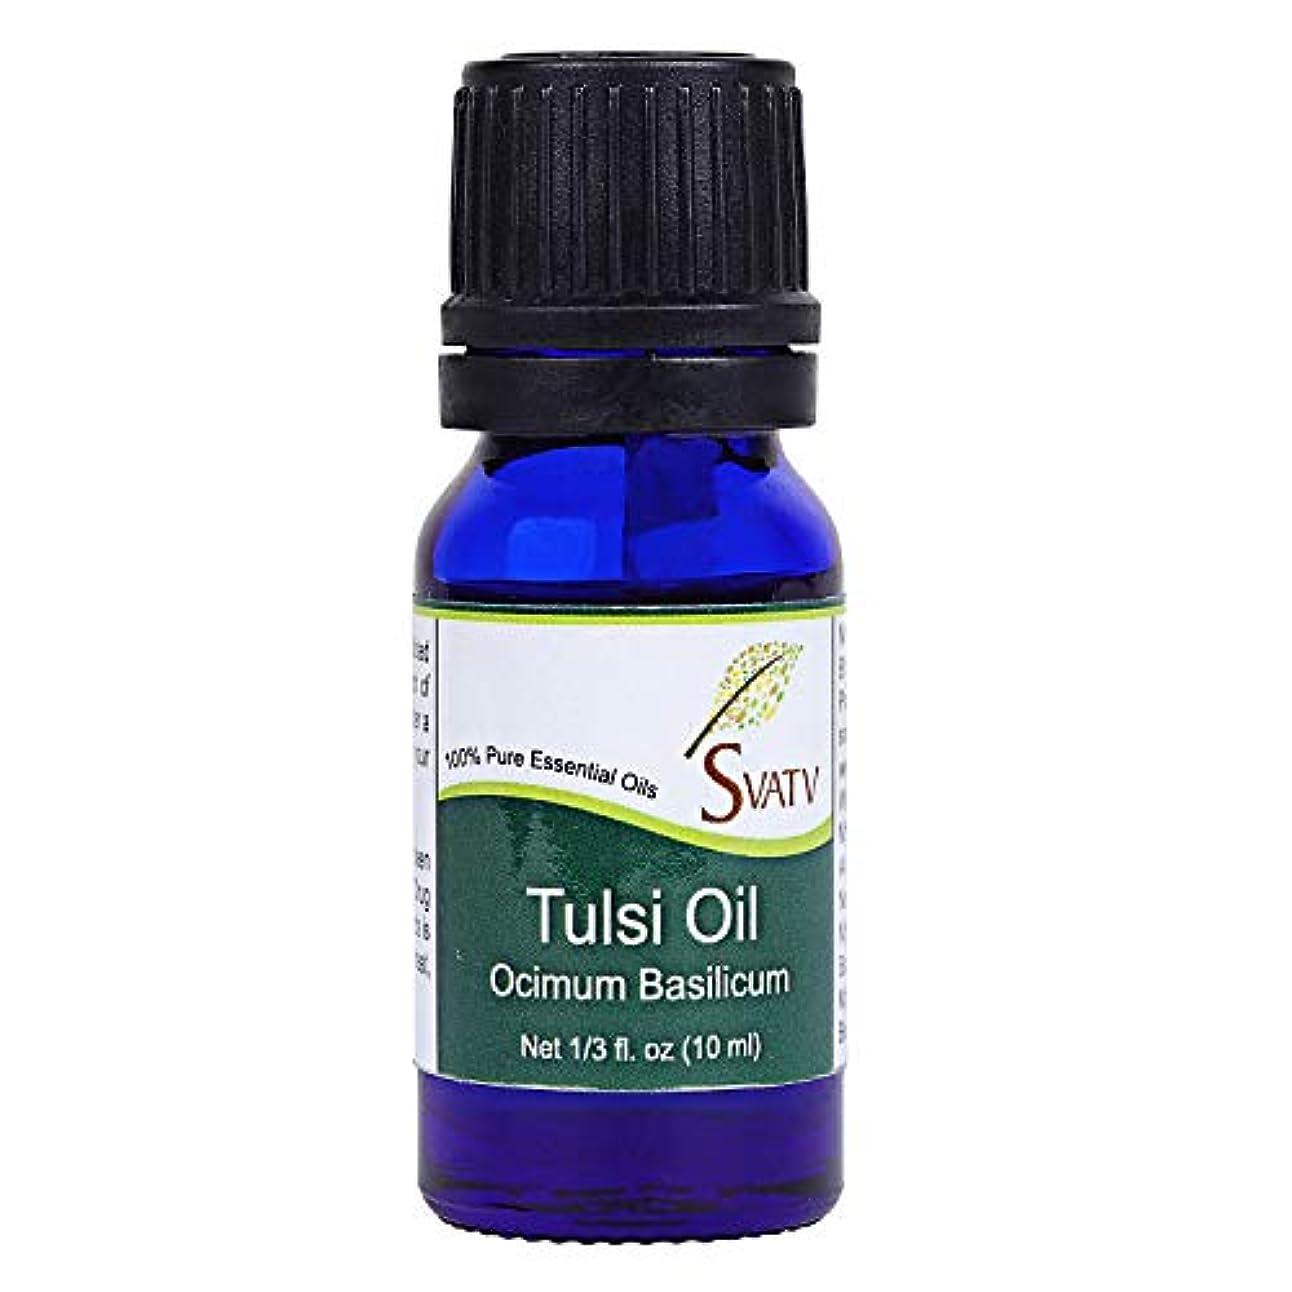 遺跡突破口独特のSVATV TULSI (ocimum Basilicum) Essential Oil 10 mL (1/3 oz) Therapeutic Grade Aromatherapy Essential Oil